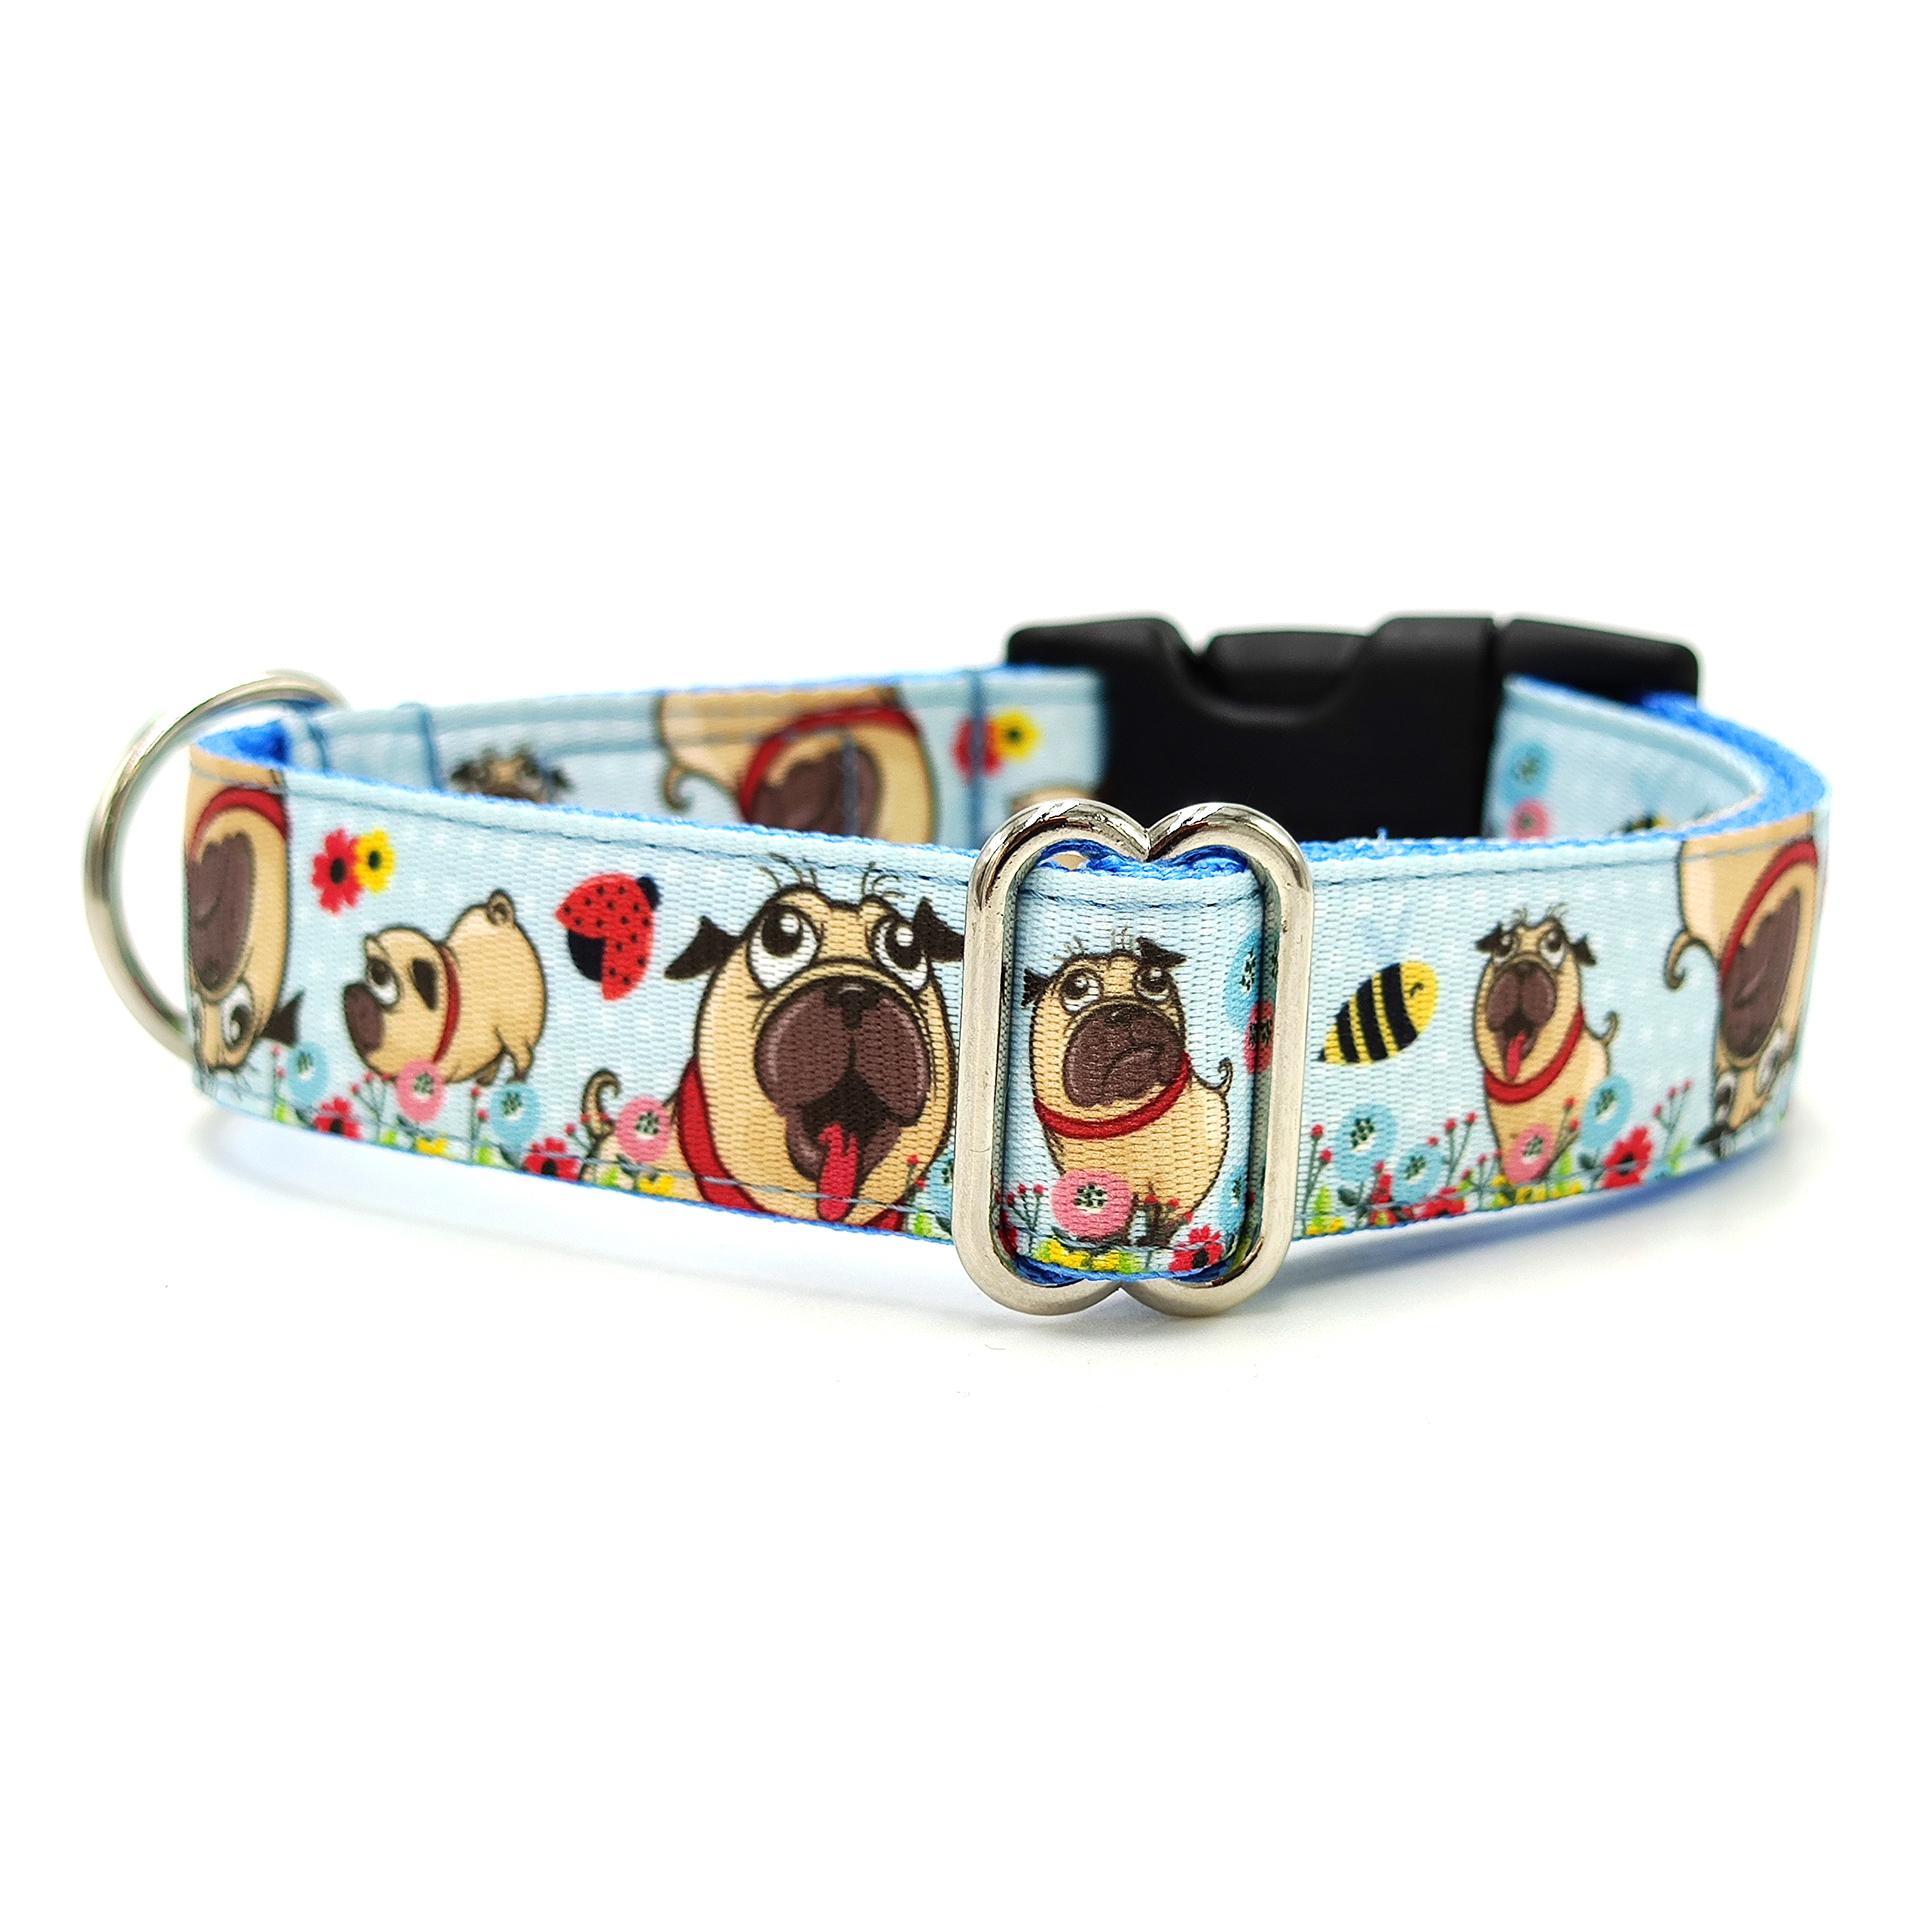 Pug dog collar